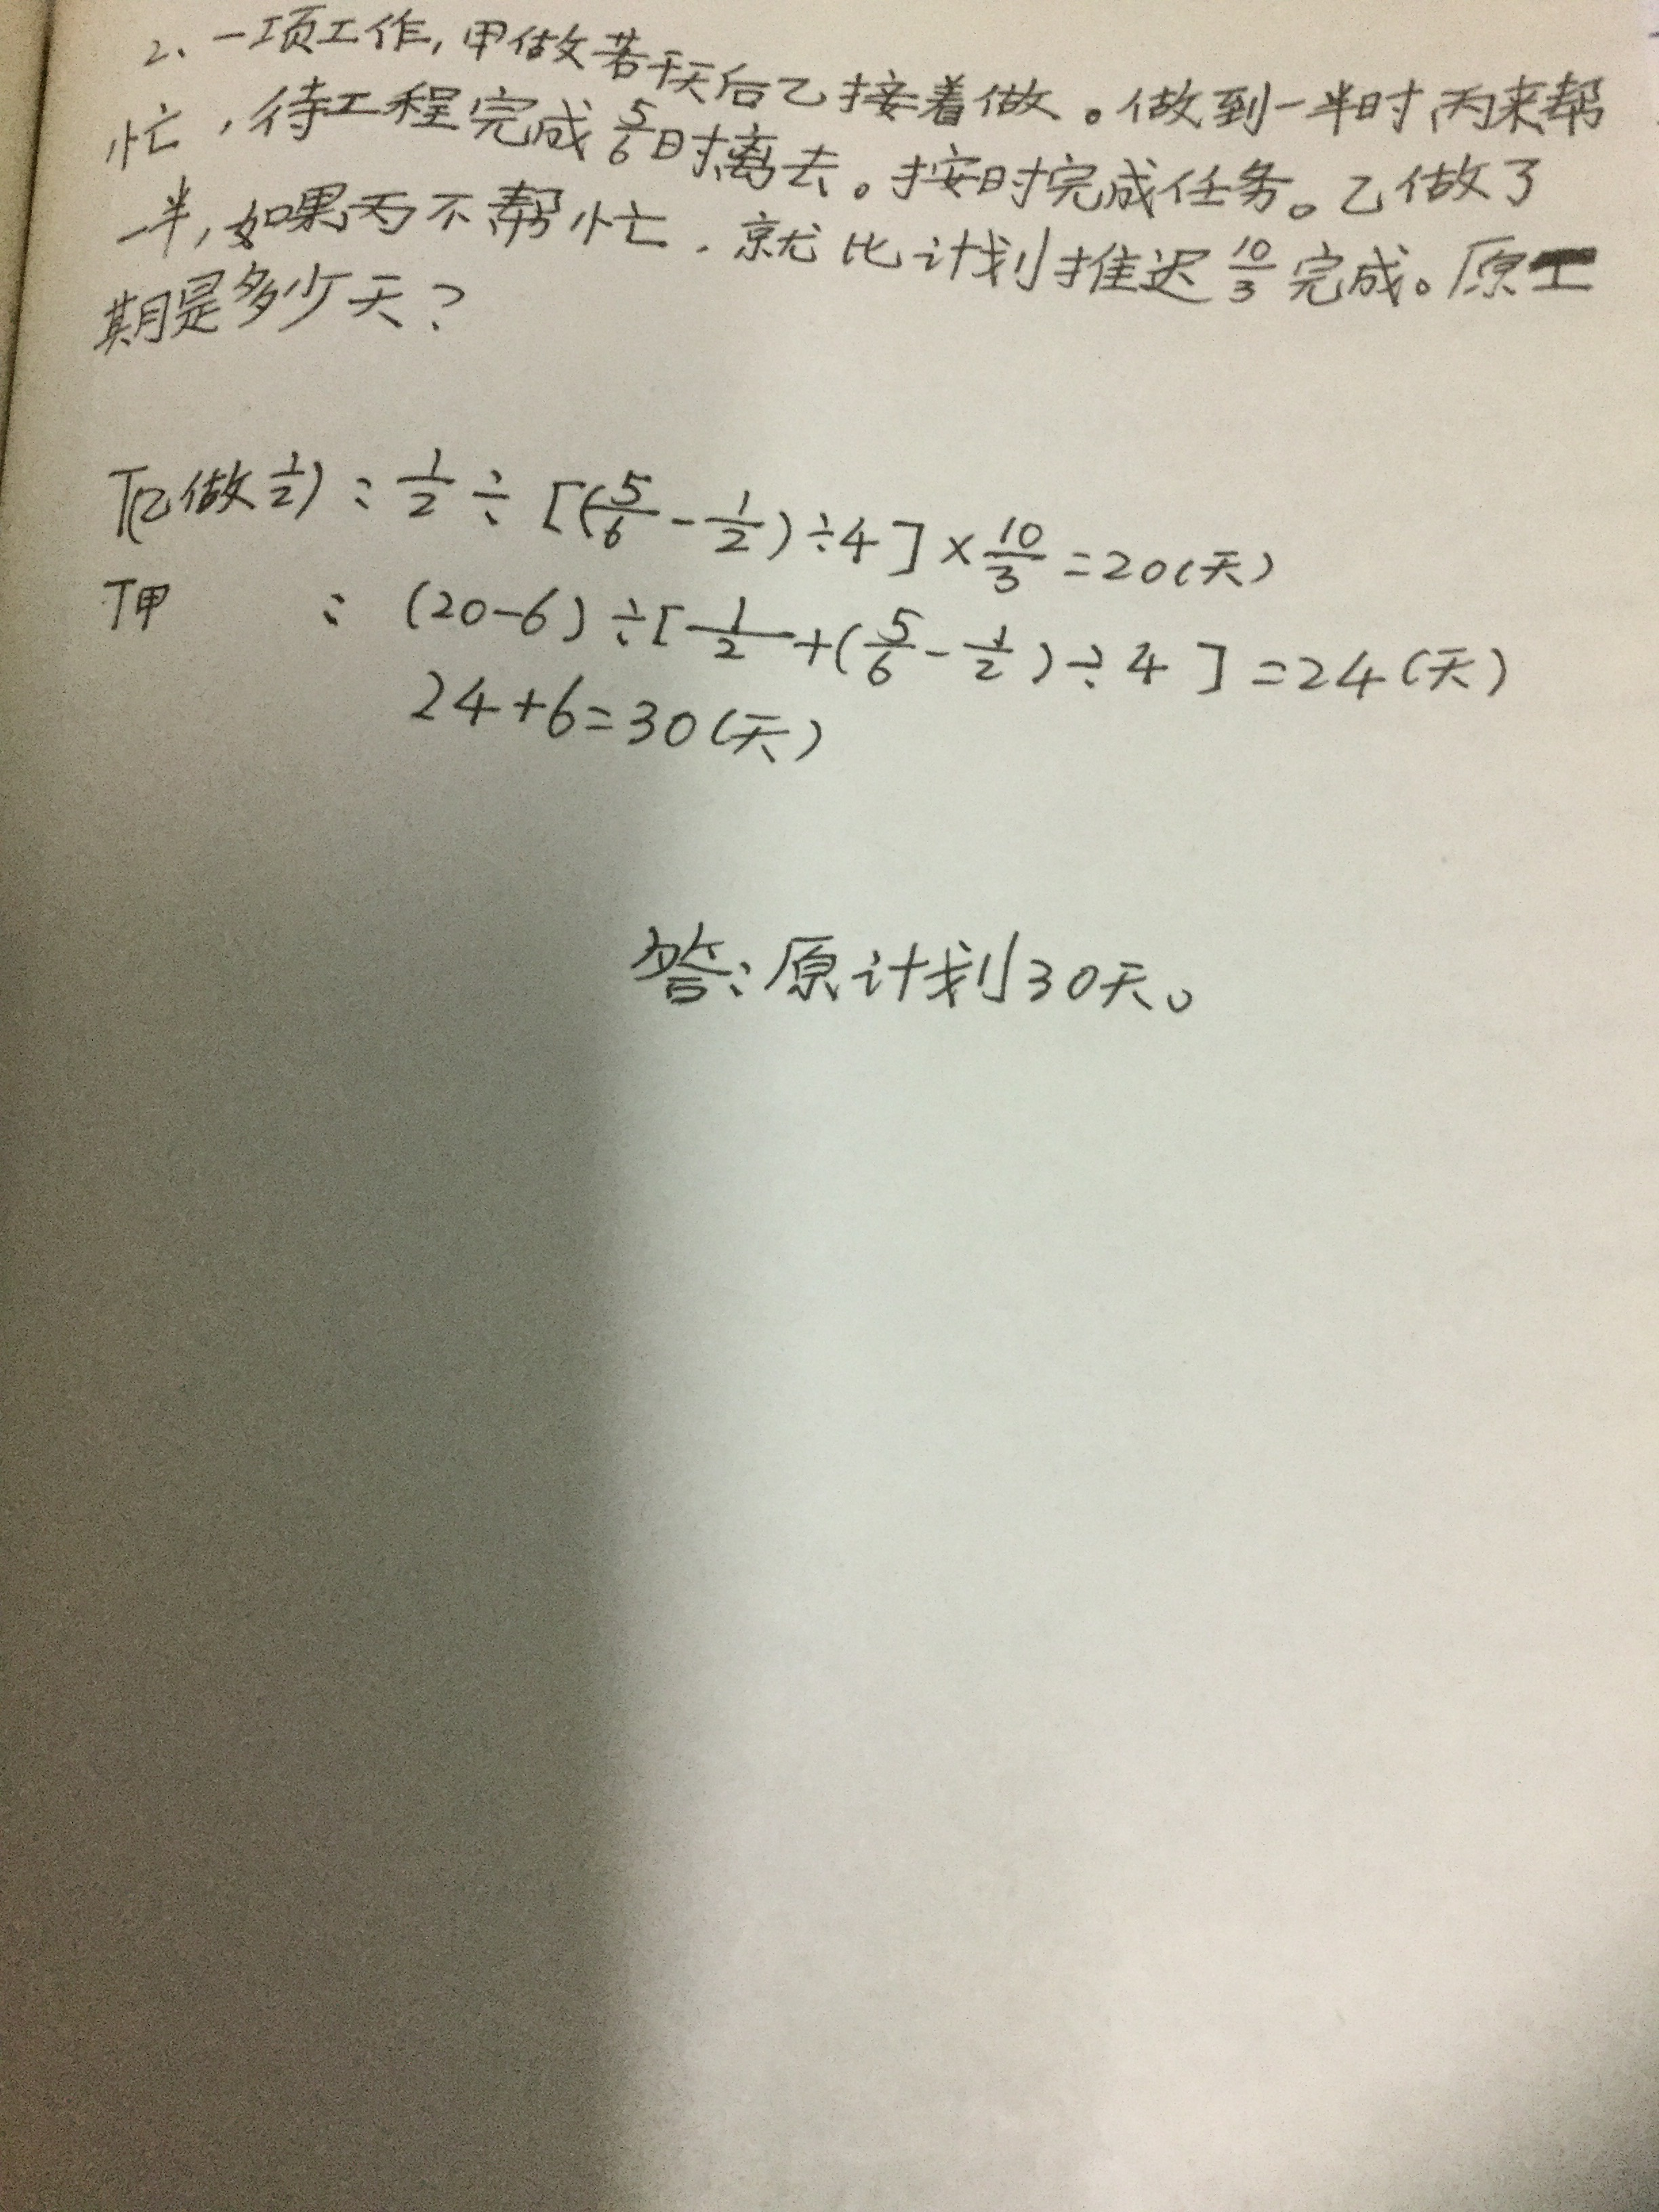 33F084D8-CA83-4899-84B2-5F84AA959882.jpg